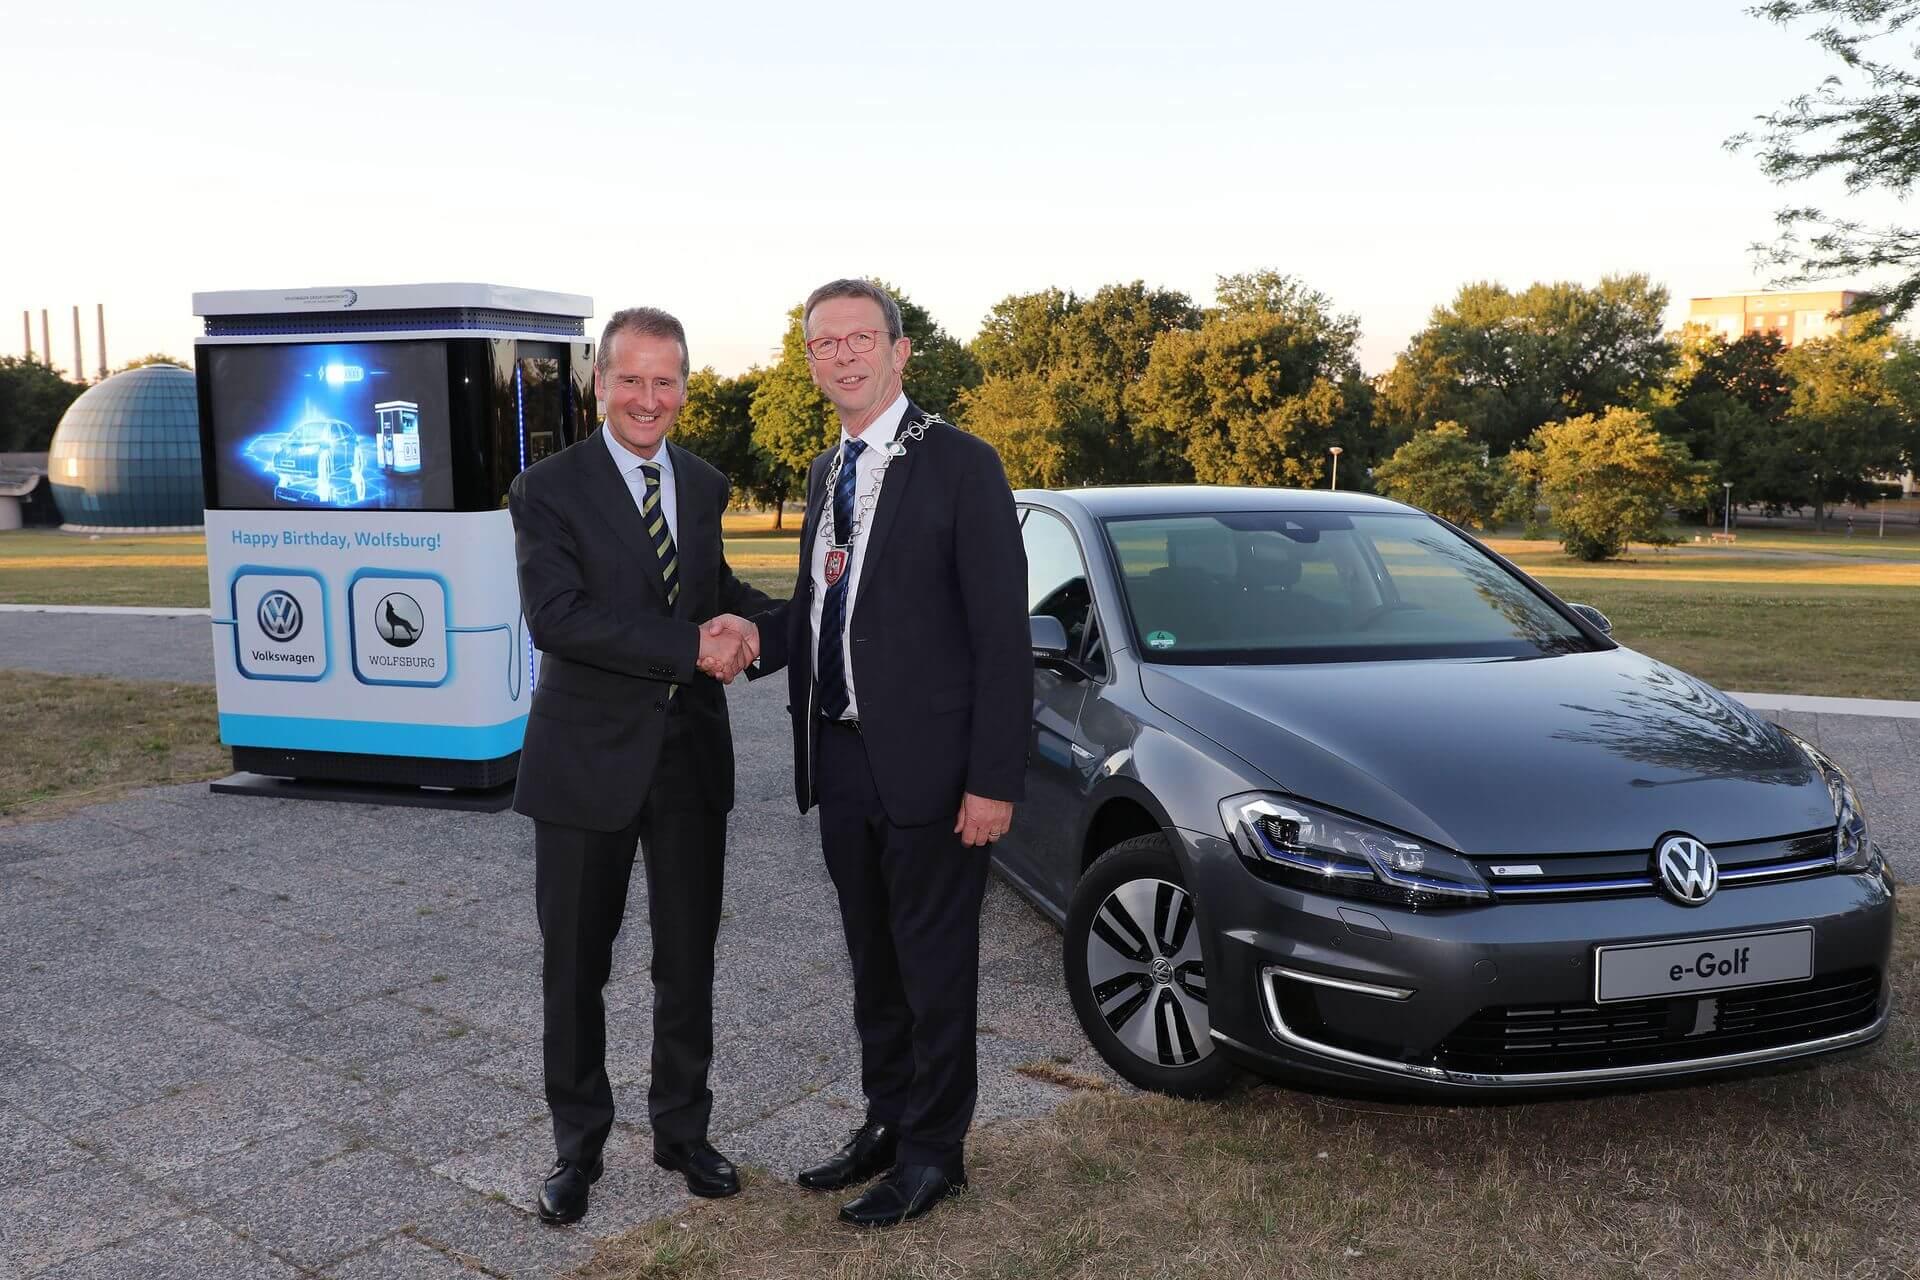 Вручение городу Вольфсбург 12специальных мобильных зарядных станций Volkswagen